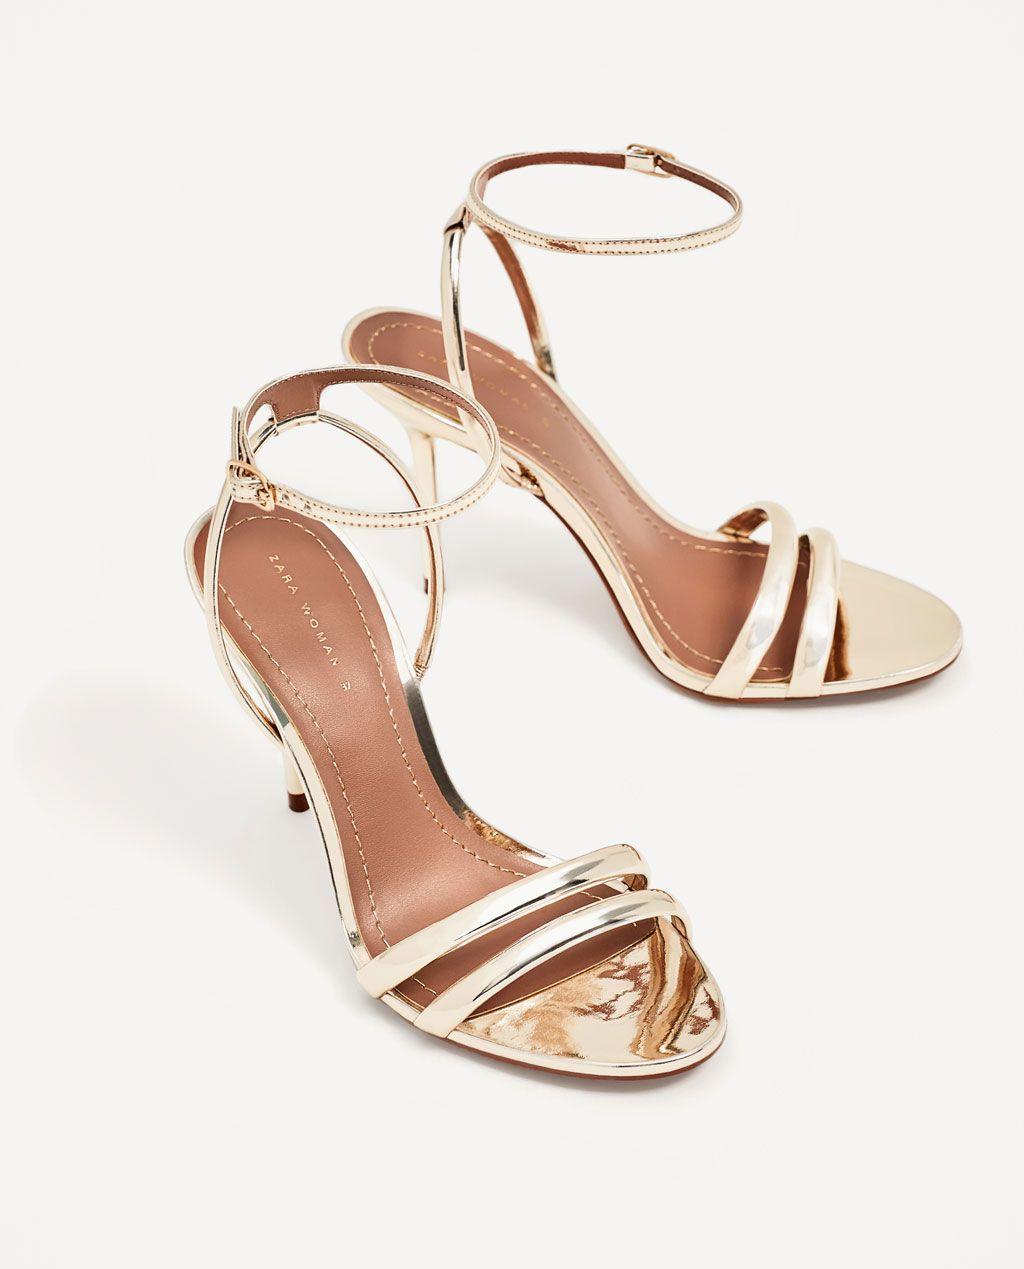 Sandalia Shoes Tiras Uwtpkioxz Tacón Occasion Zapatos Mujerzara Doradas OPkZiuX